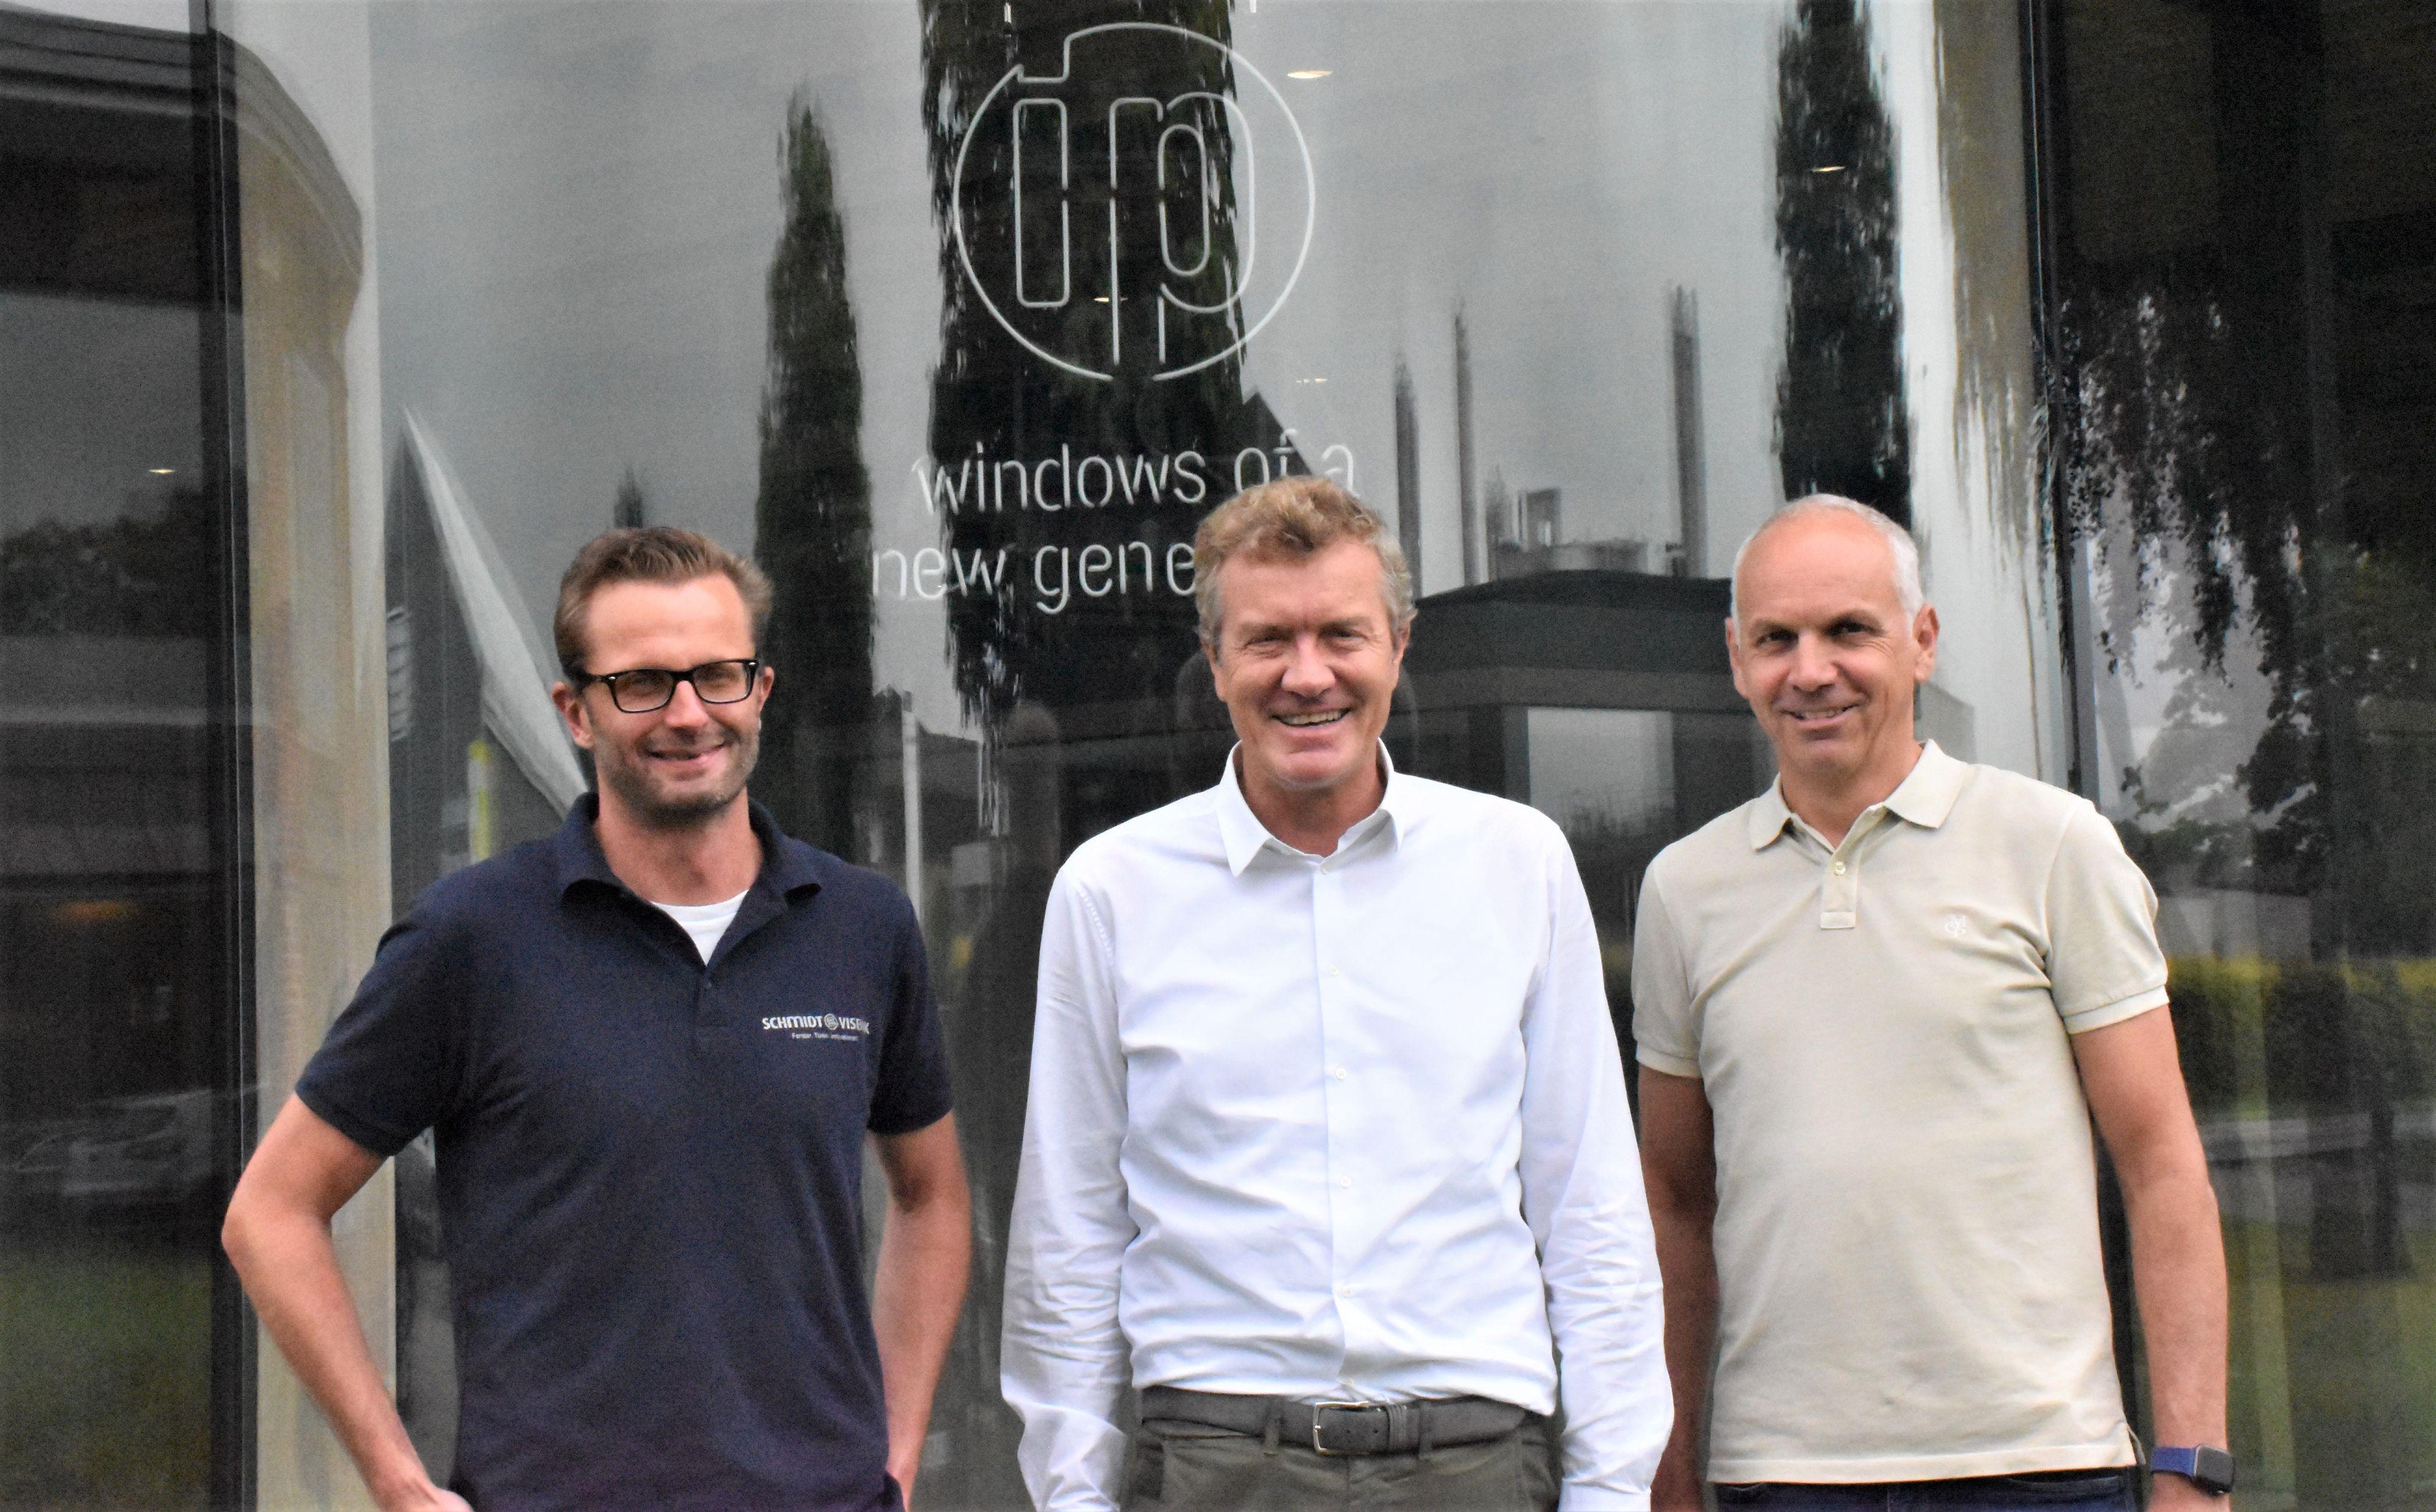 """Die Fenster der """"ipcompany"""" aus Visbek haben auch mal """"Rundungen"""": (von links) Sven Diekmann, Ulrich Schmidt, Burkhard Bramlage. Foto: Kühn"""